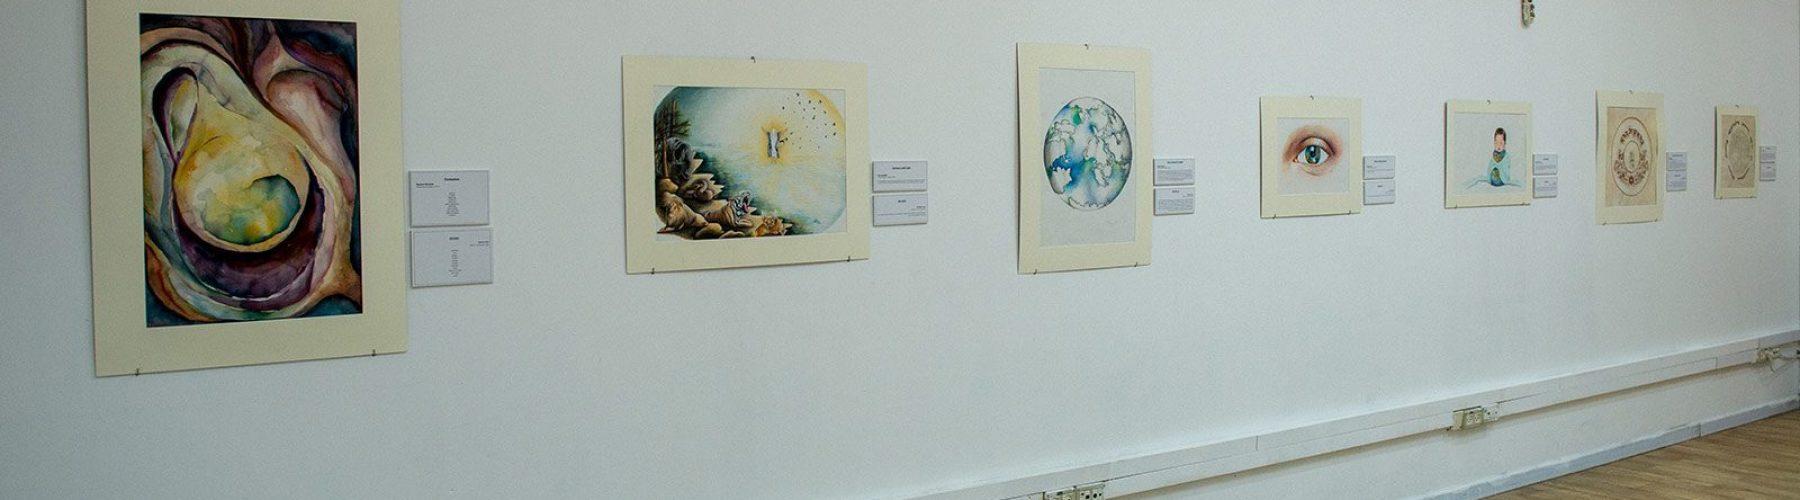 Bereshit-Bara-Exhibition-space4